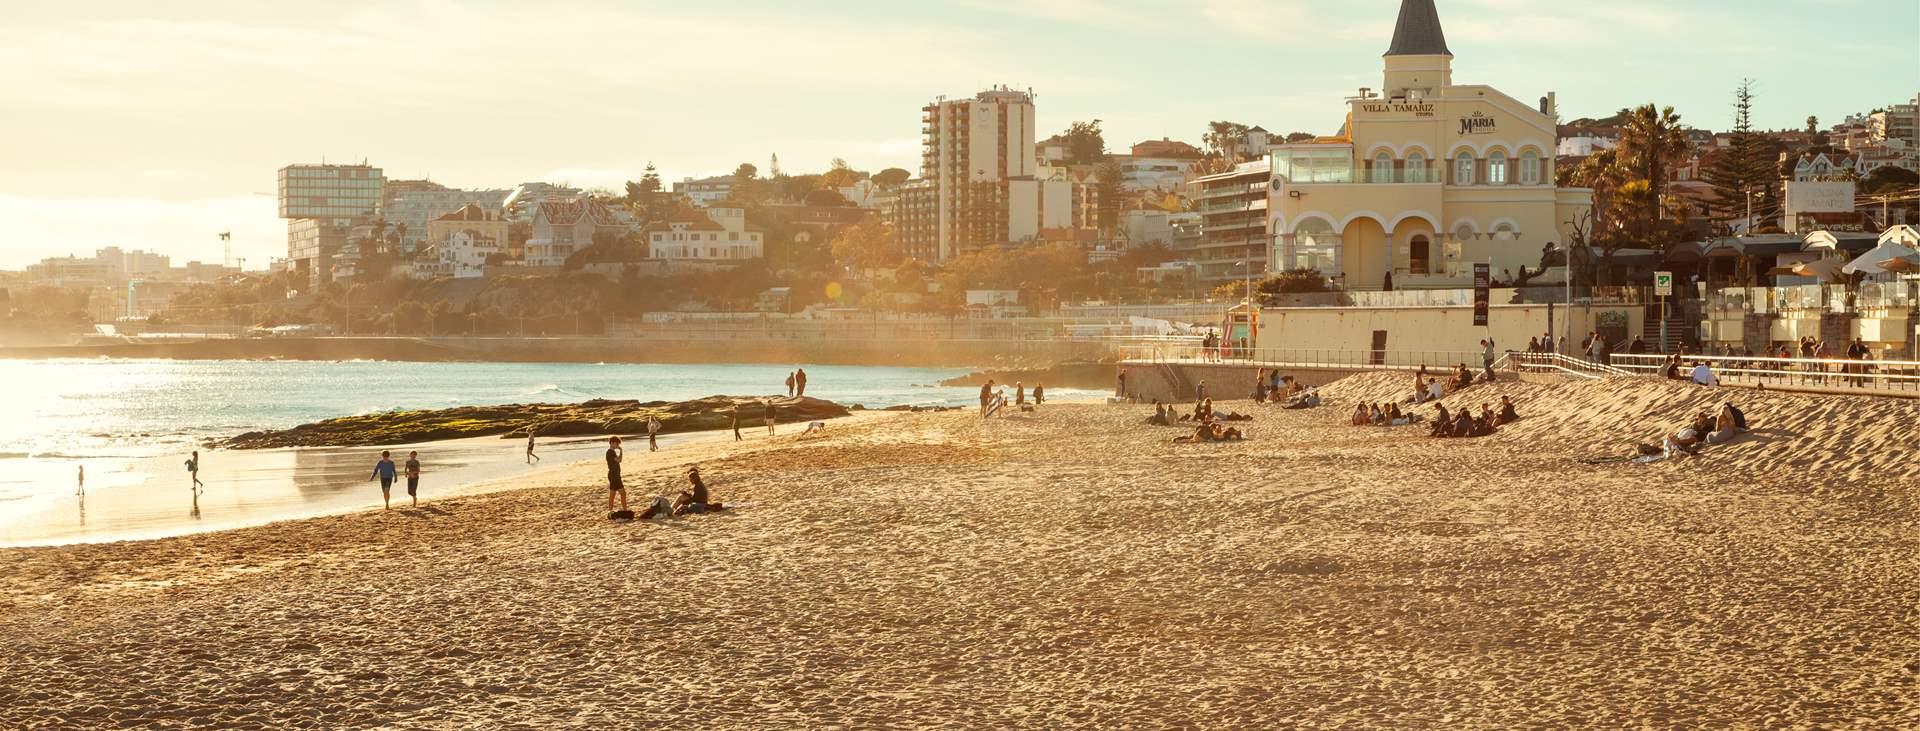 Lomalle Portugaliin? Estoril ja Cascais - golfia, rantoja, yöelämää, charmia ja rauhaa